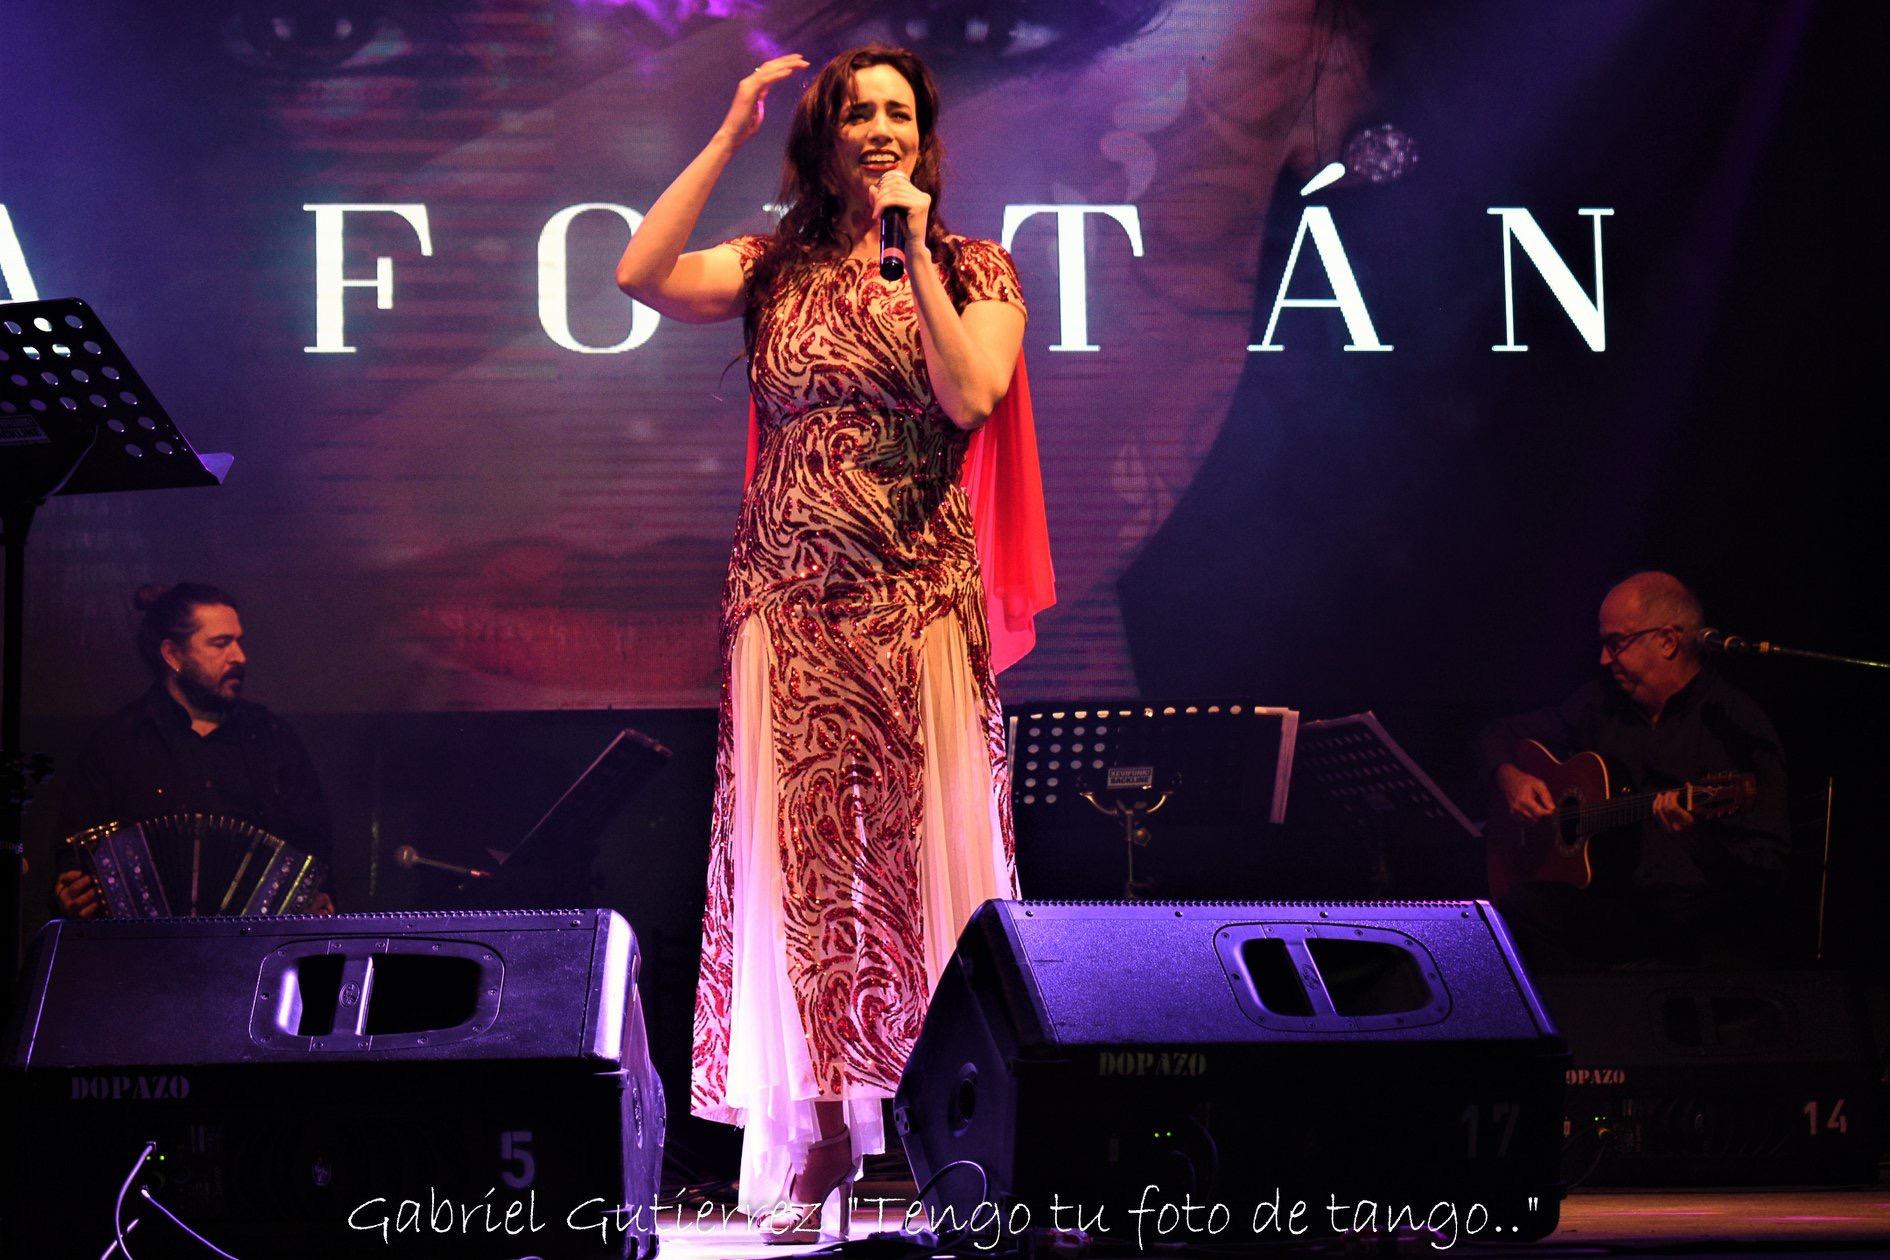 ANA_FONTÁN__FESTIVAL_DE_LA_FALDA_EVOCAIÓ